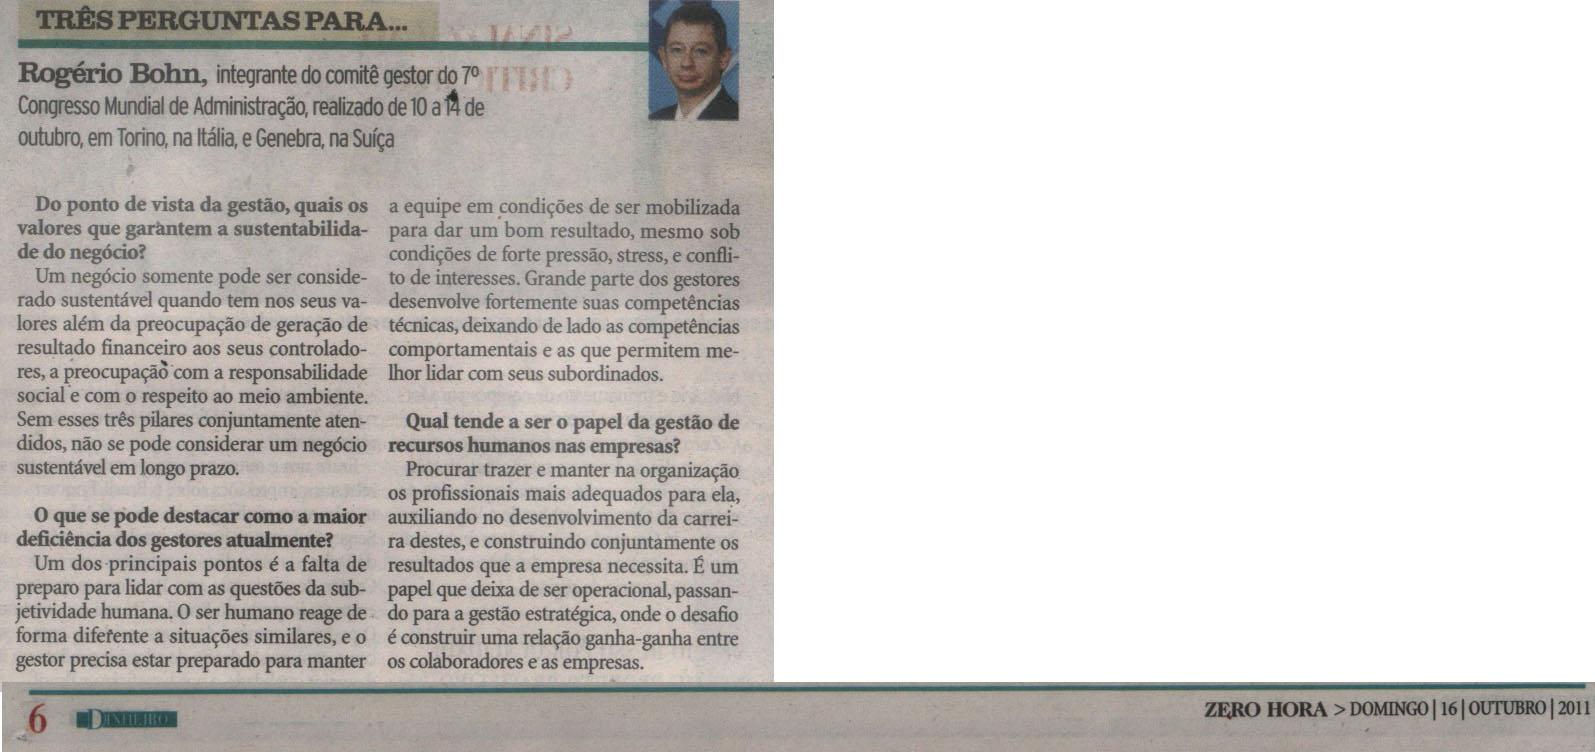 Entrevista com Rogério de Moraes Bohn, vice-presidente de Relações Externas do CRA-RS